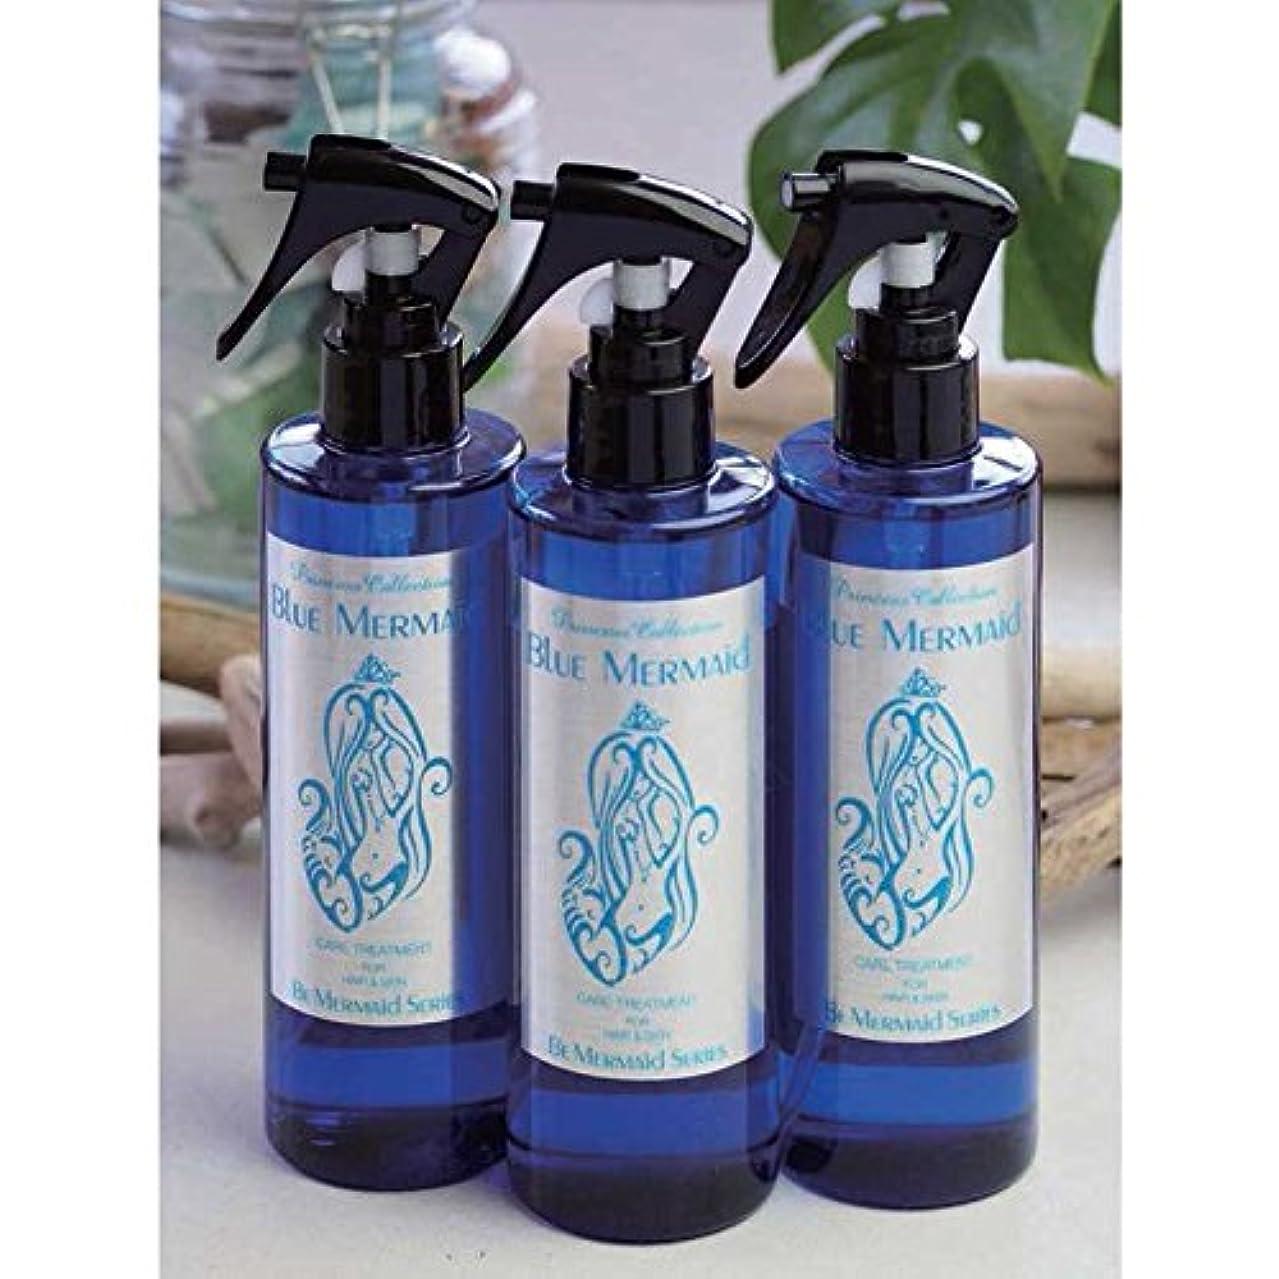 密輸ちょっと待って暴動CARE TREATMENT Blue Mermaid ブルー?マーメイド 保湿化粧水